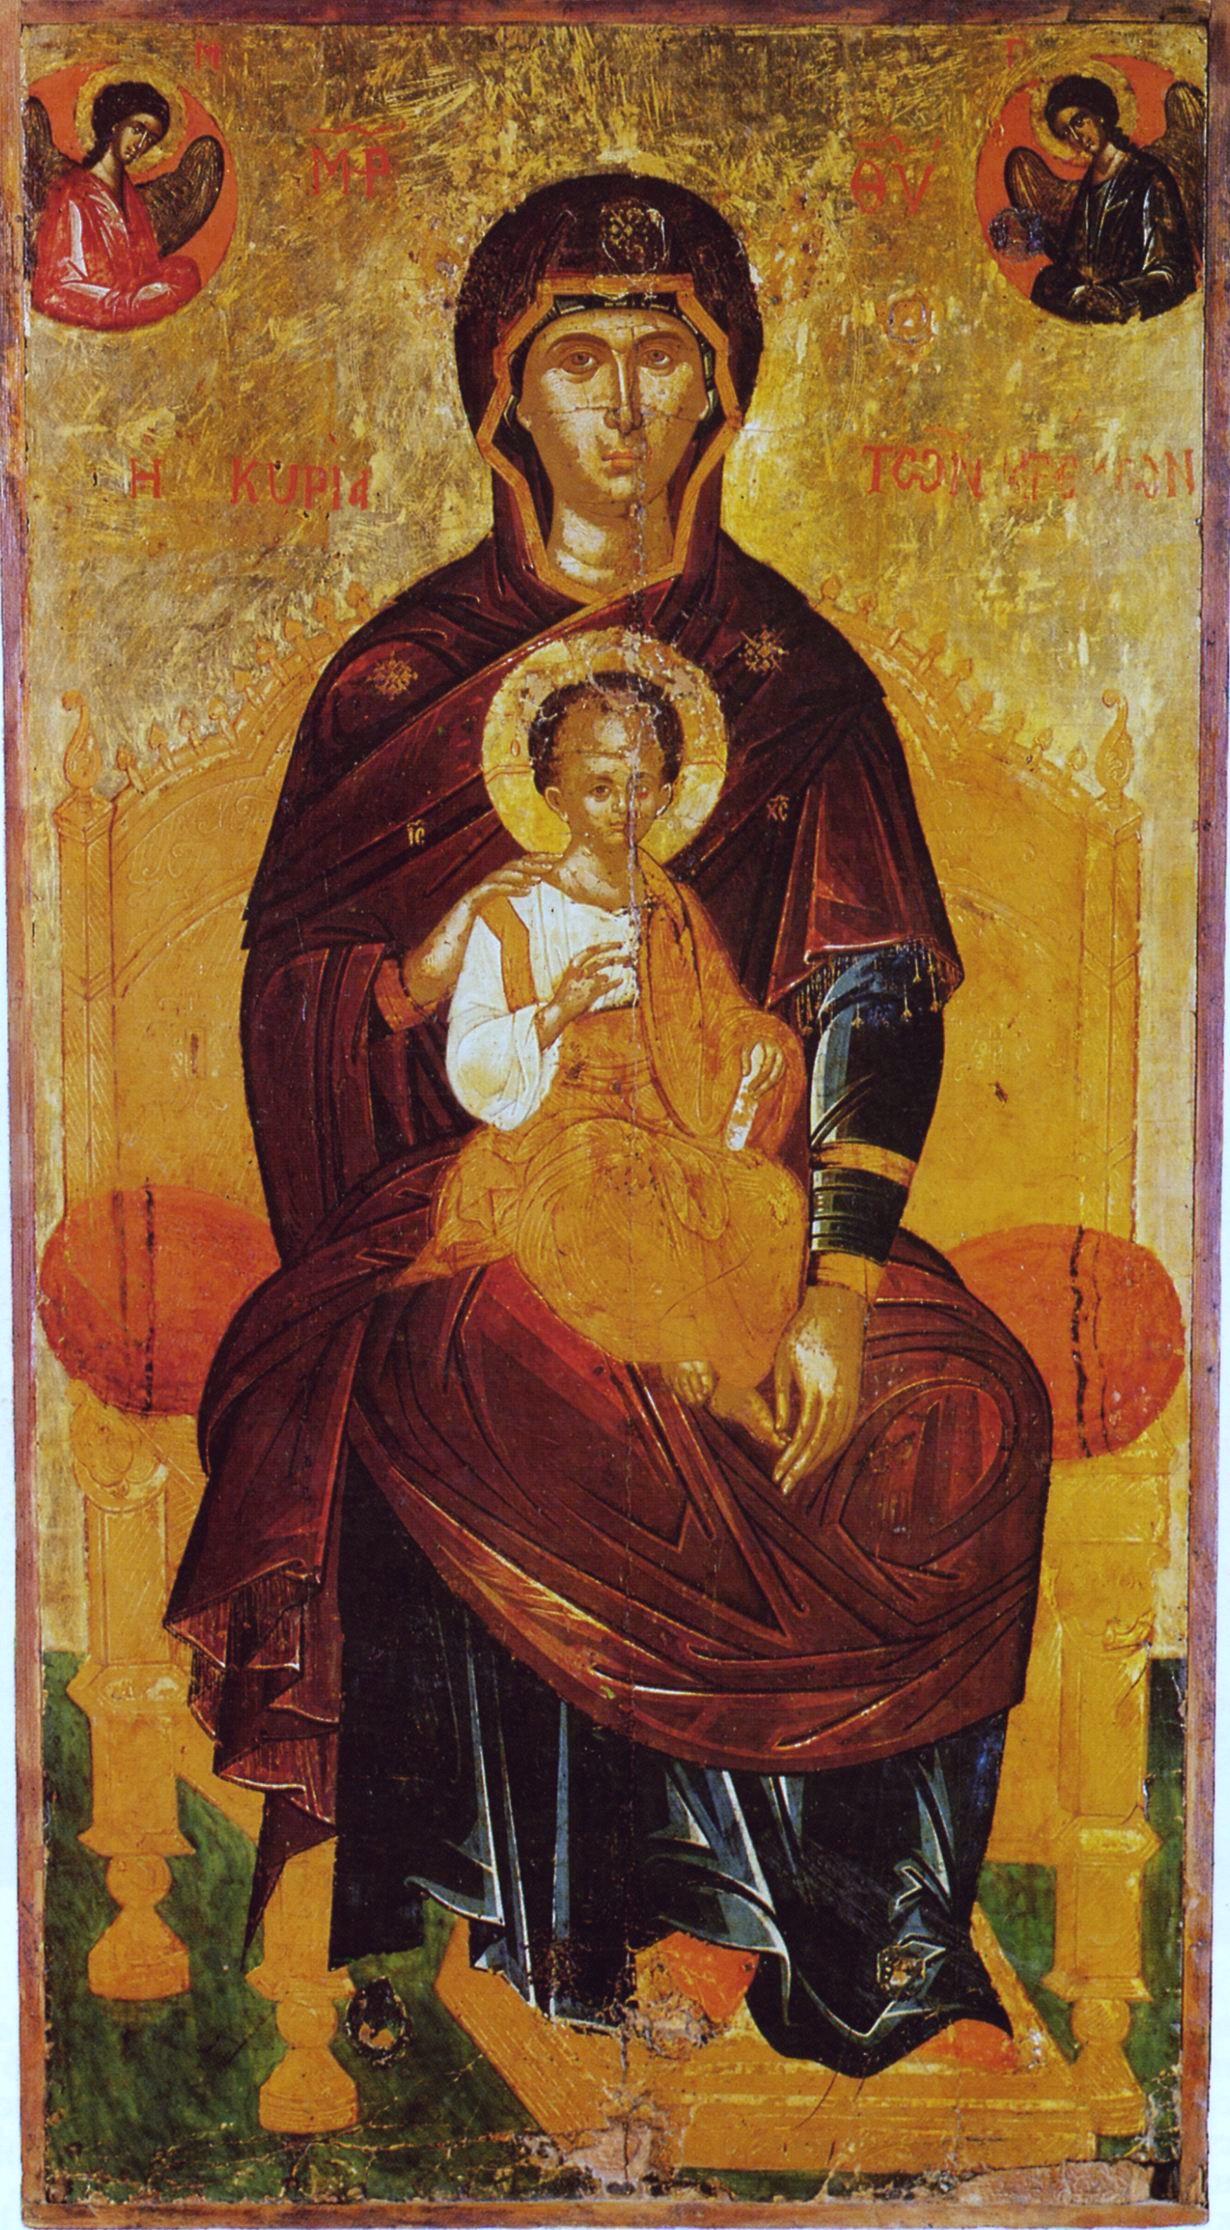 Византия (2 Часть). Иконы Византии (421 ...: nevsepic.com.ua/religiya/page,6,21647-vizantiya-2-chast.-ikony...